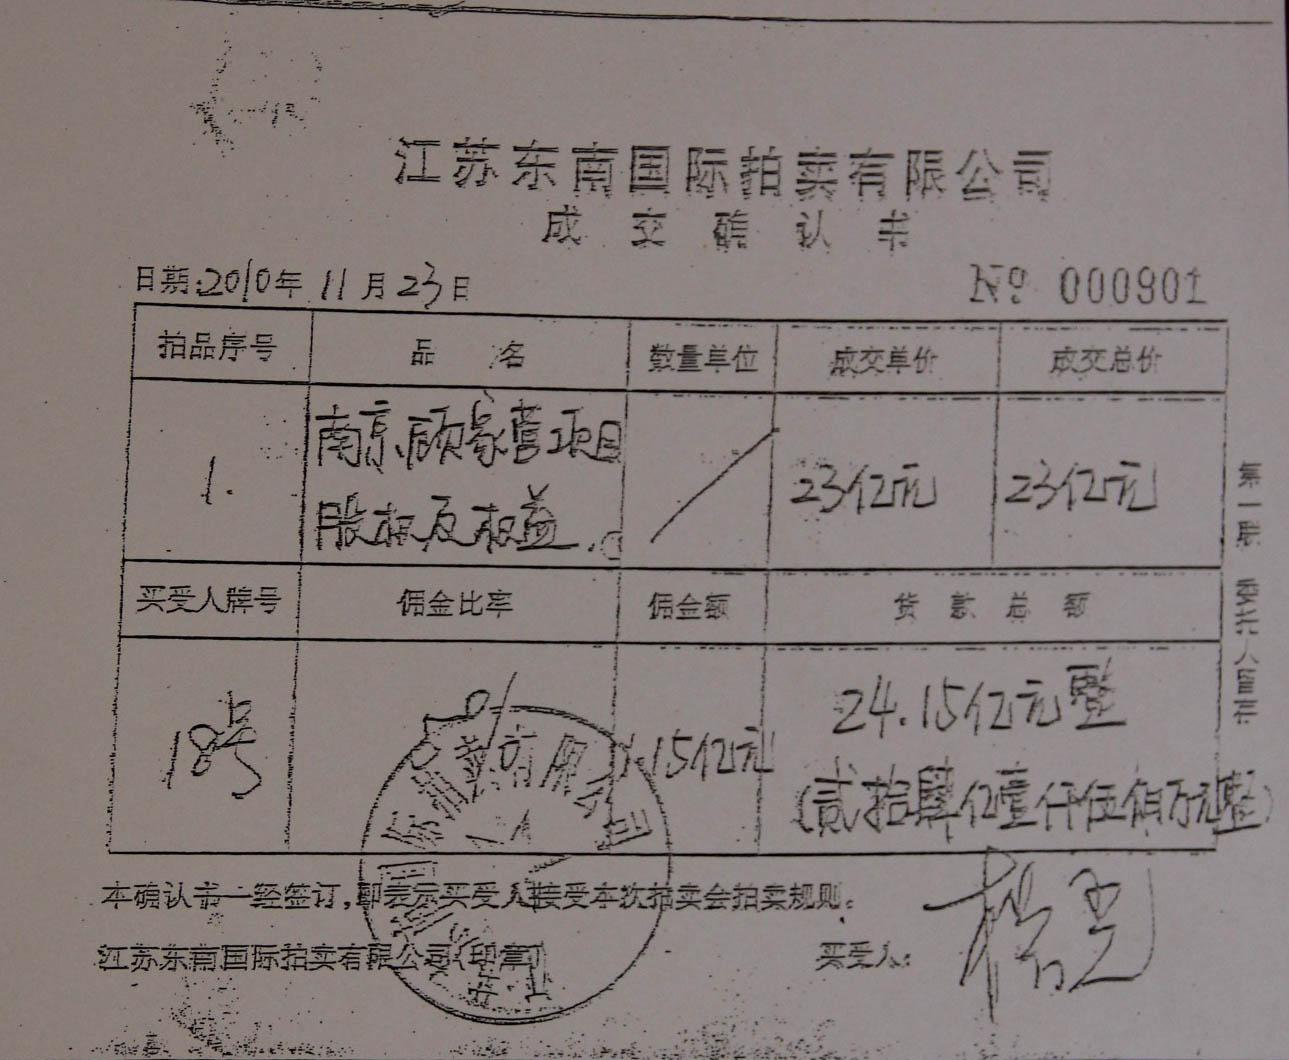 拍卖成交确认书-南京顾家营地块7年未开发 地王背后惊现土地暗战